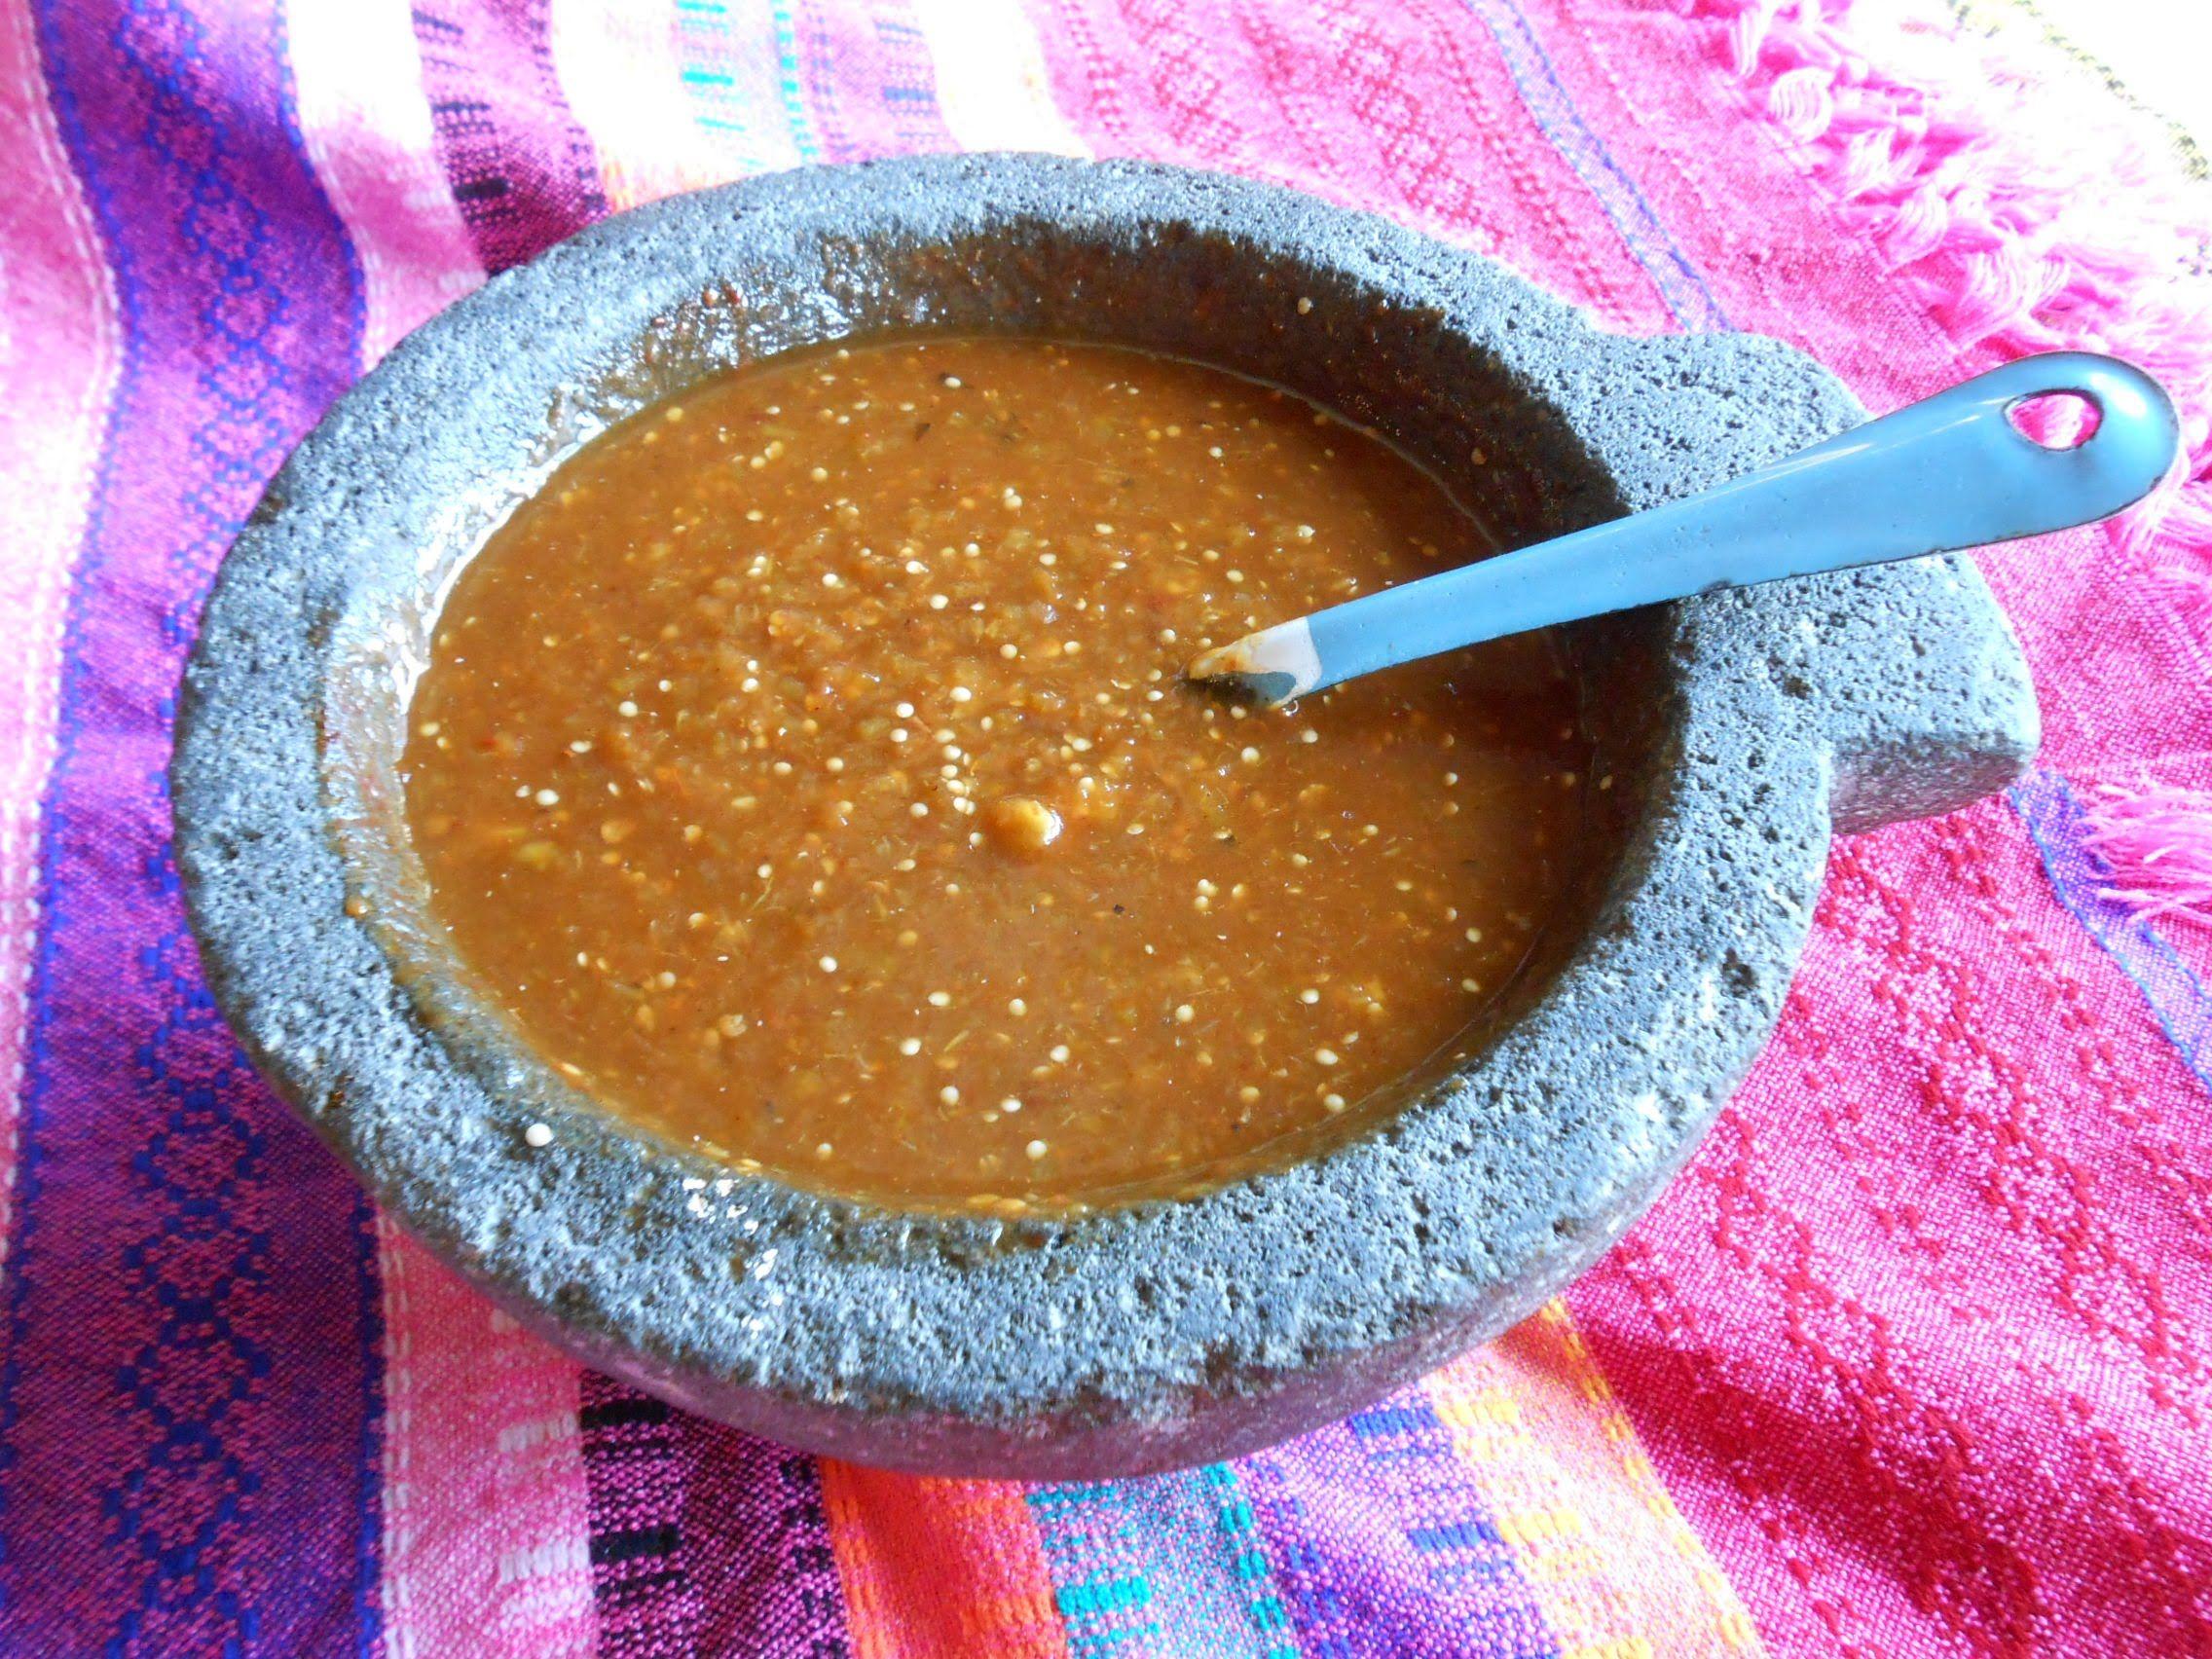 Salsa De Chile Morita Y Chile De Arbol Al Molcajete Receta De Salsa De La Cocina Mexicana J Salsa De Chile Morita Salsa De Chile Recetas De Cocina Mexicana